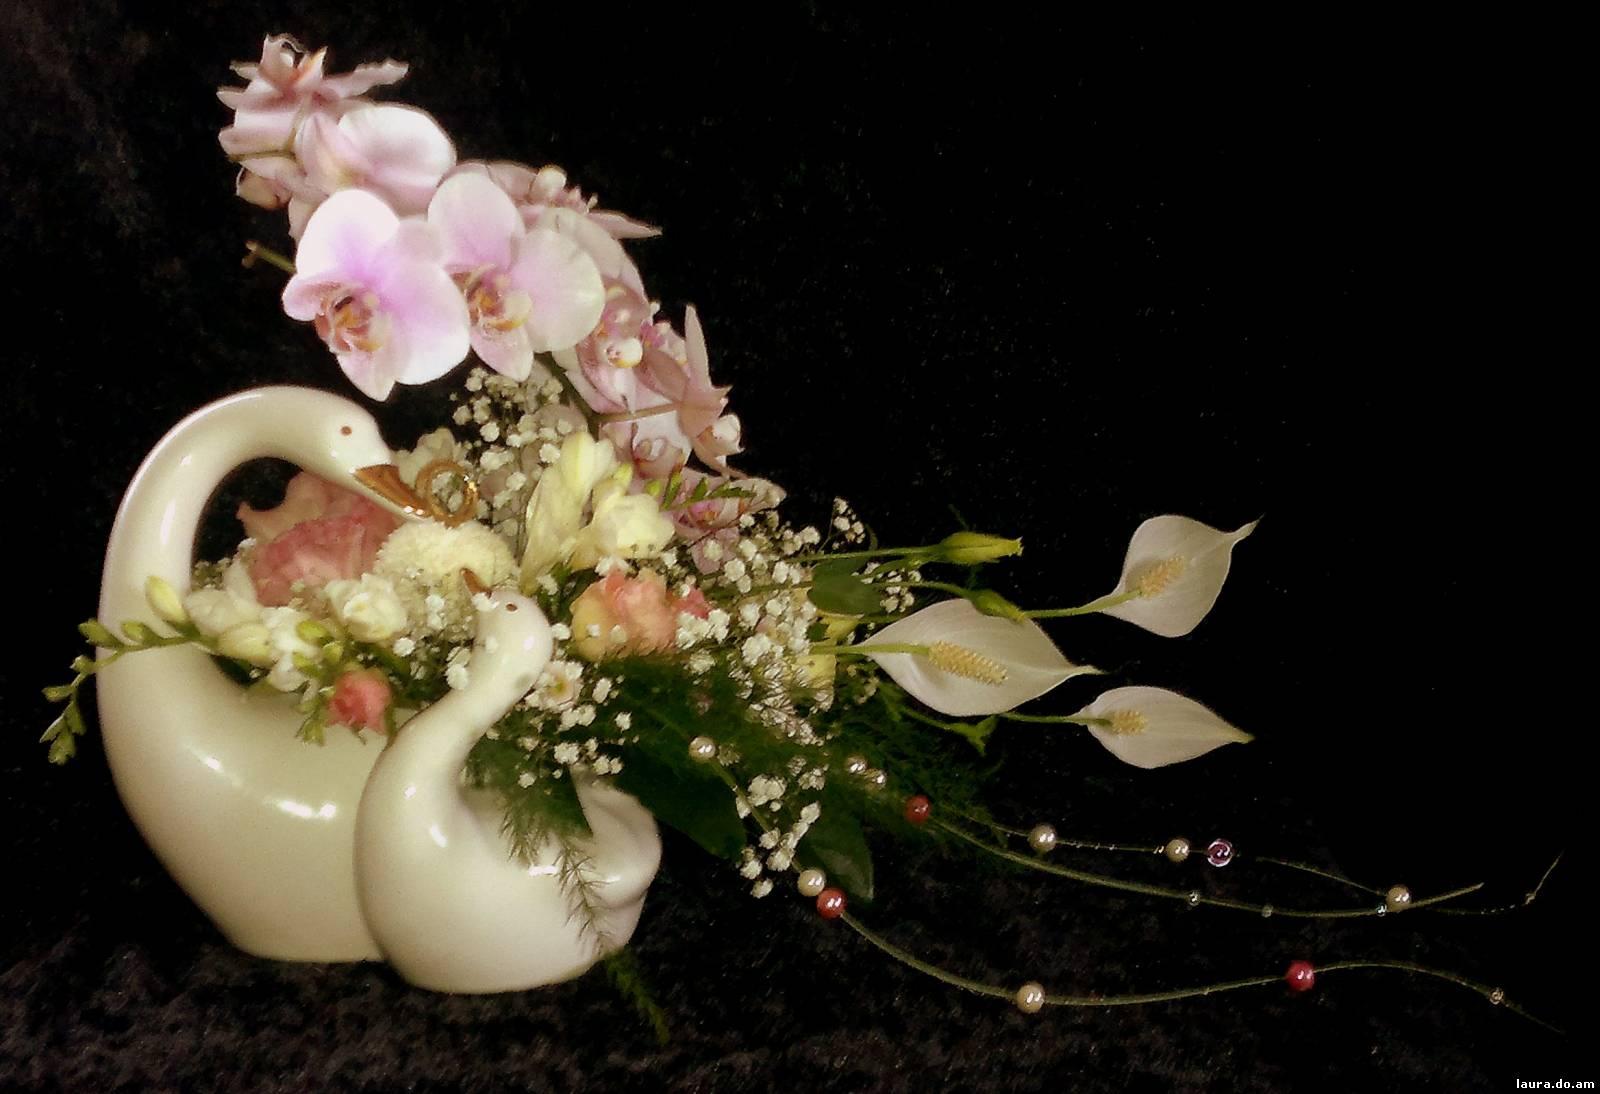 Красивые композиции из цветов фото с орхидеями